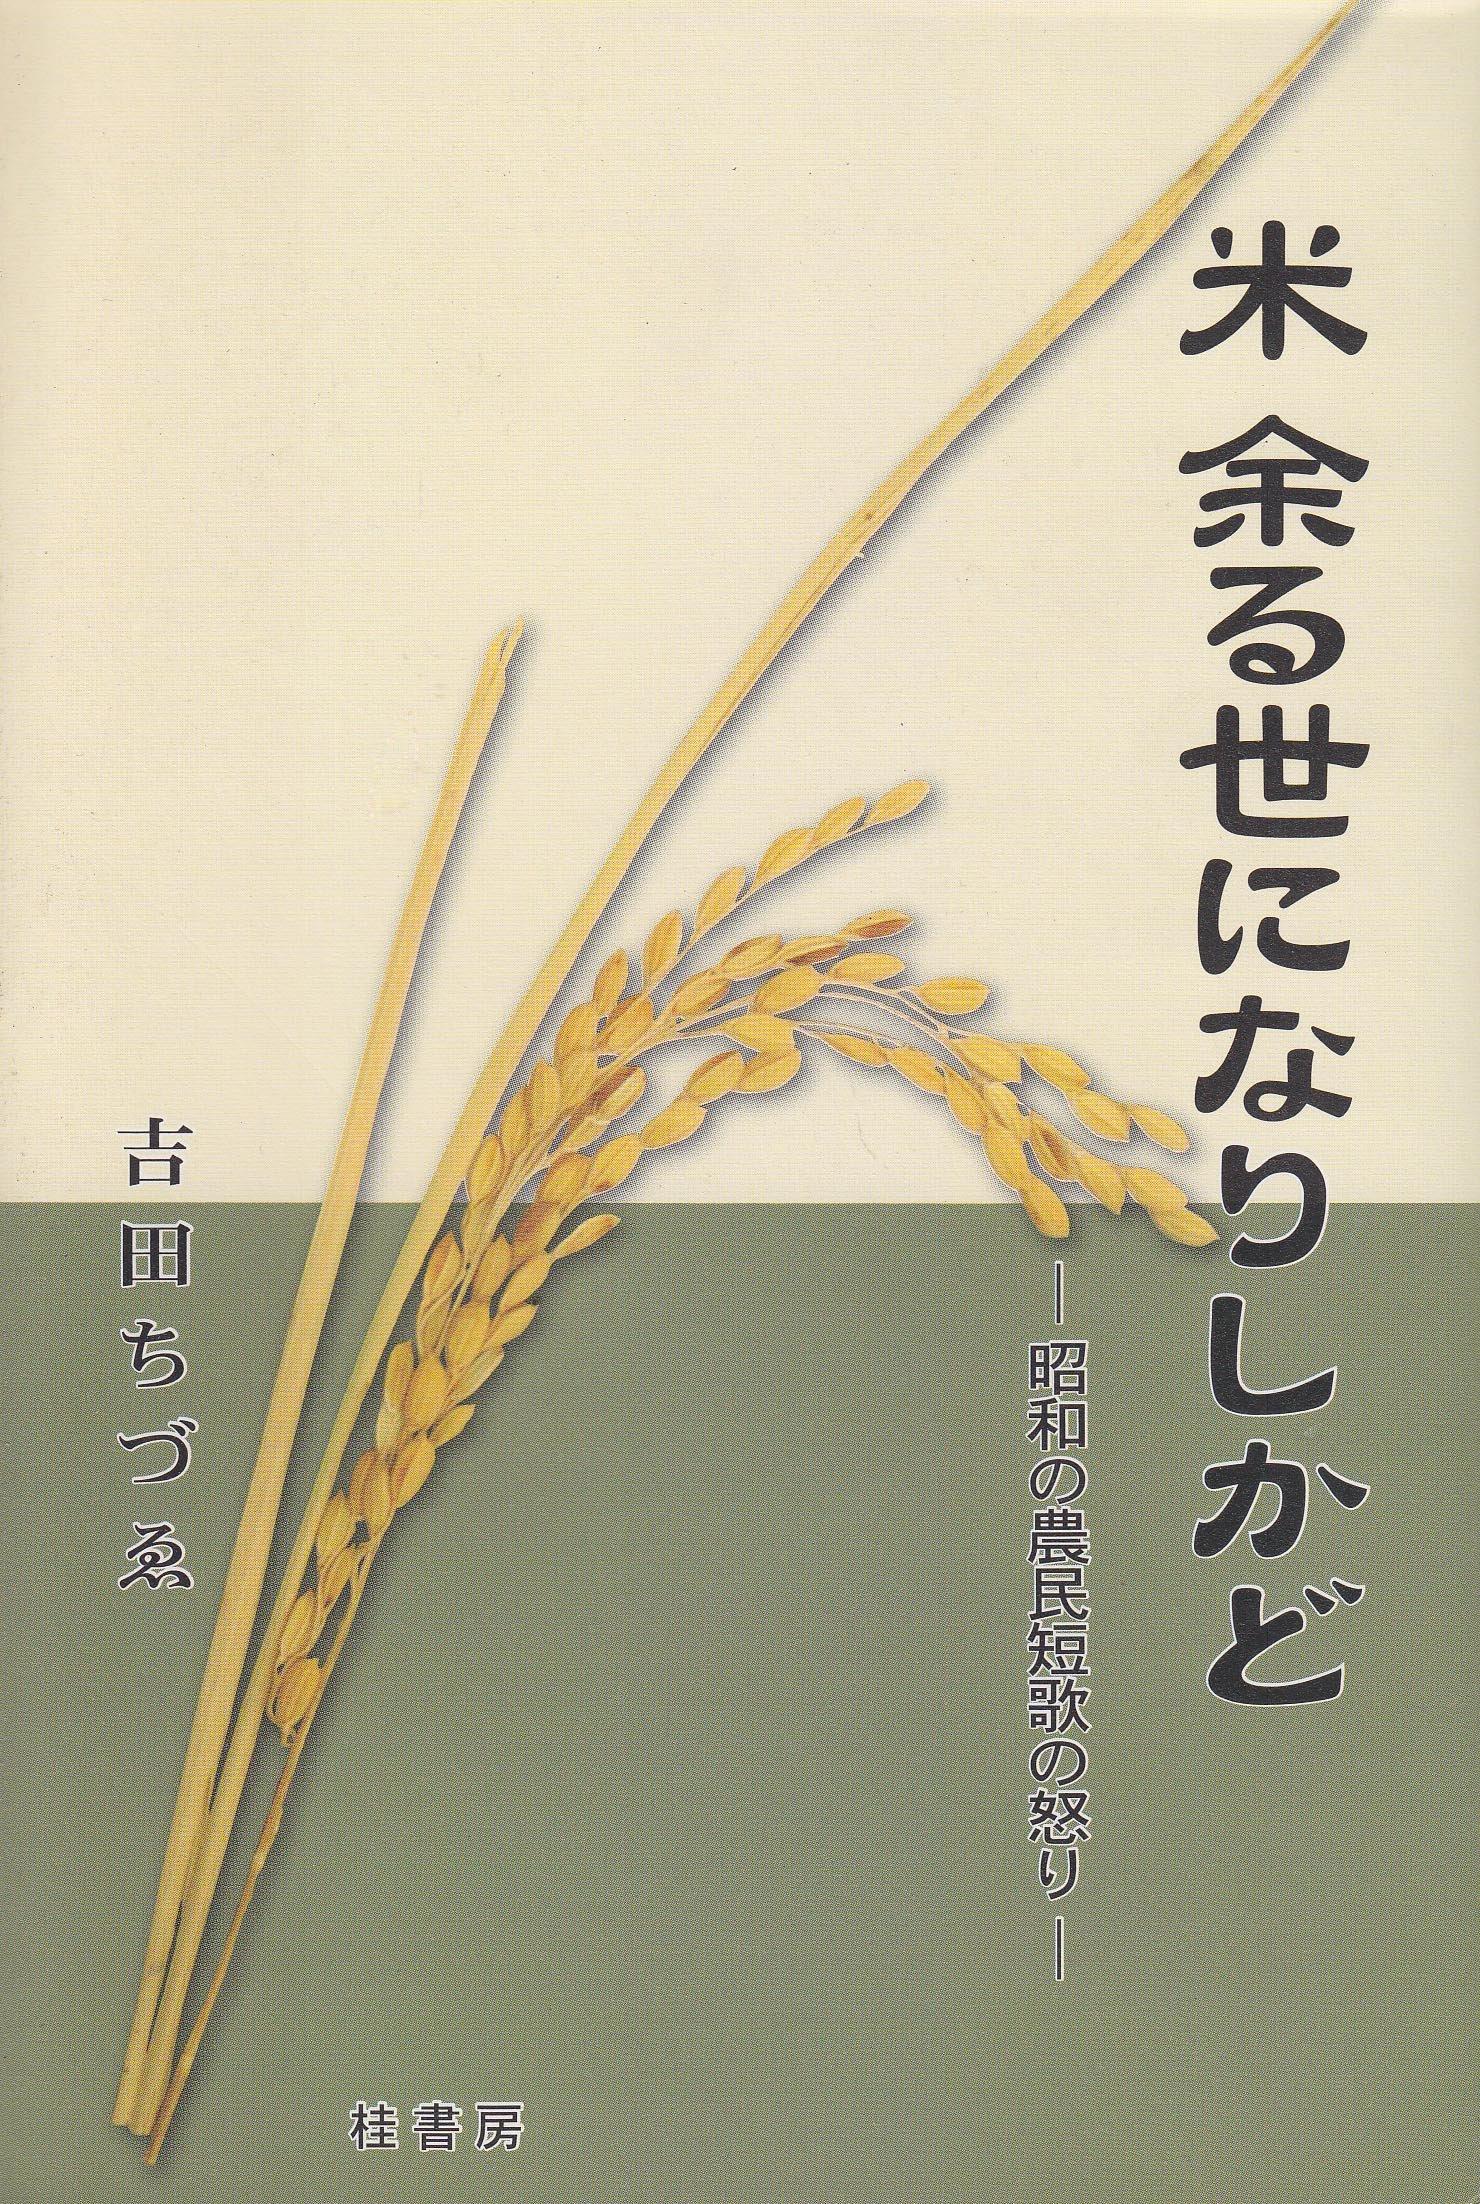 Kome amaru yo ni narishikado : Shōwa no nōmin tanka no ikari ebook